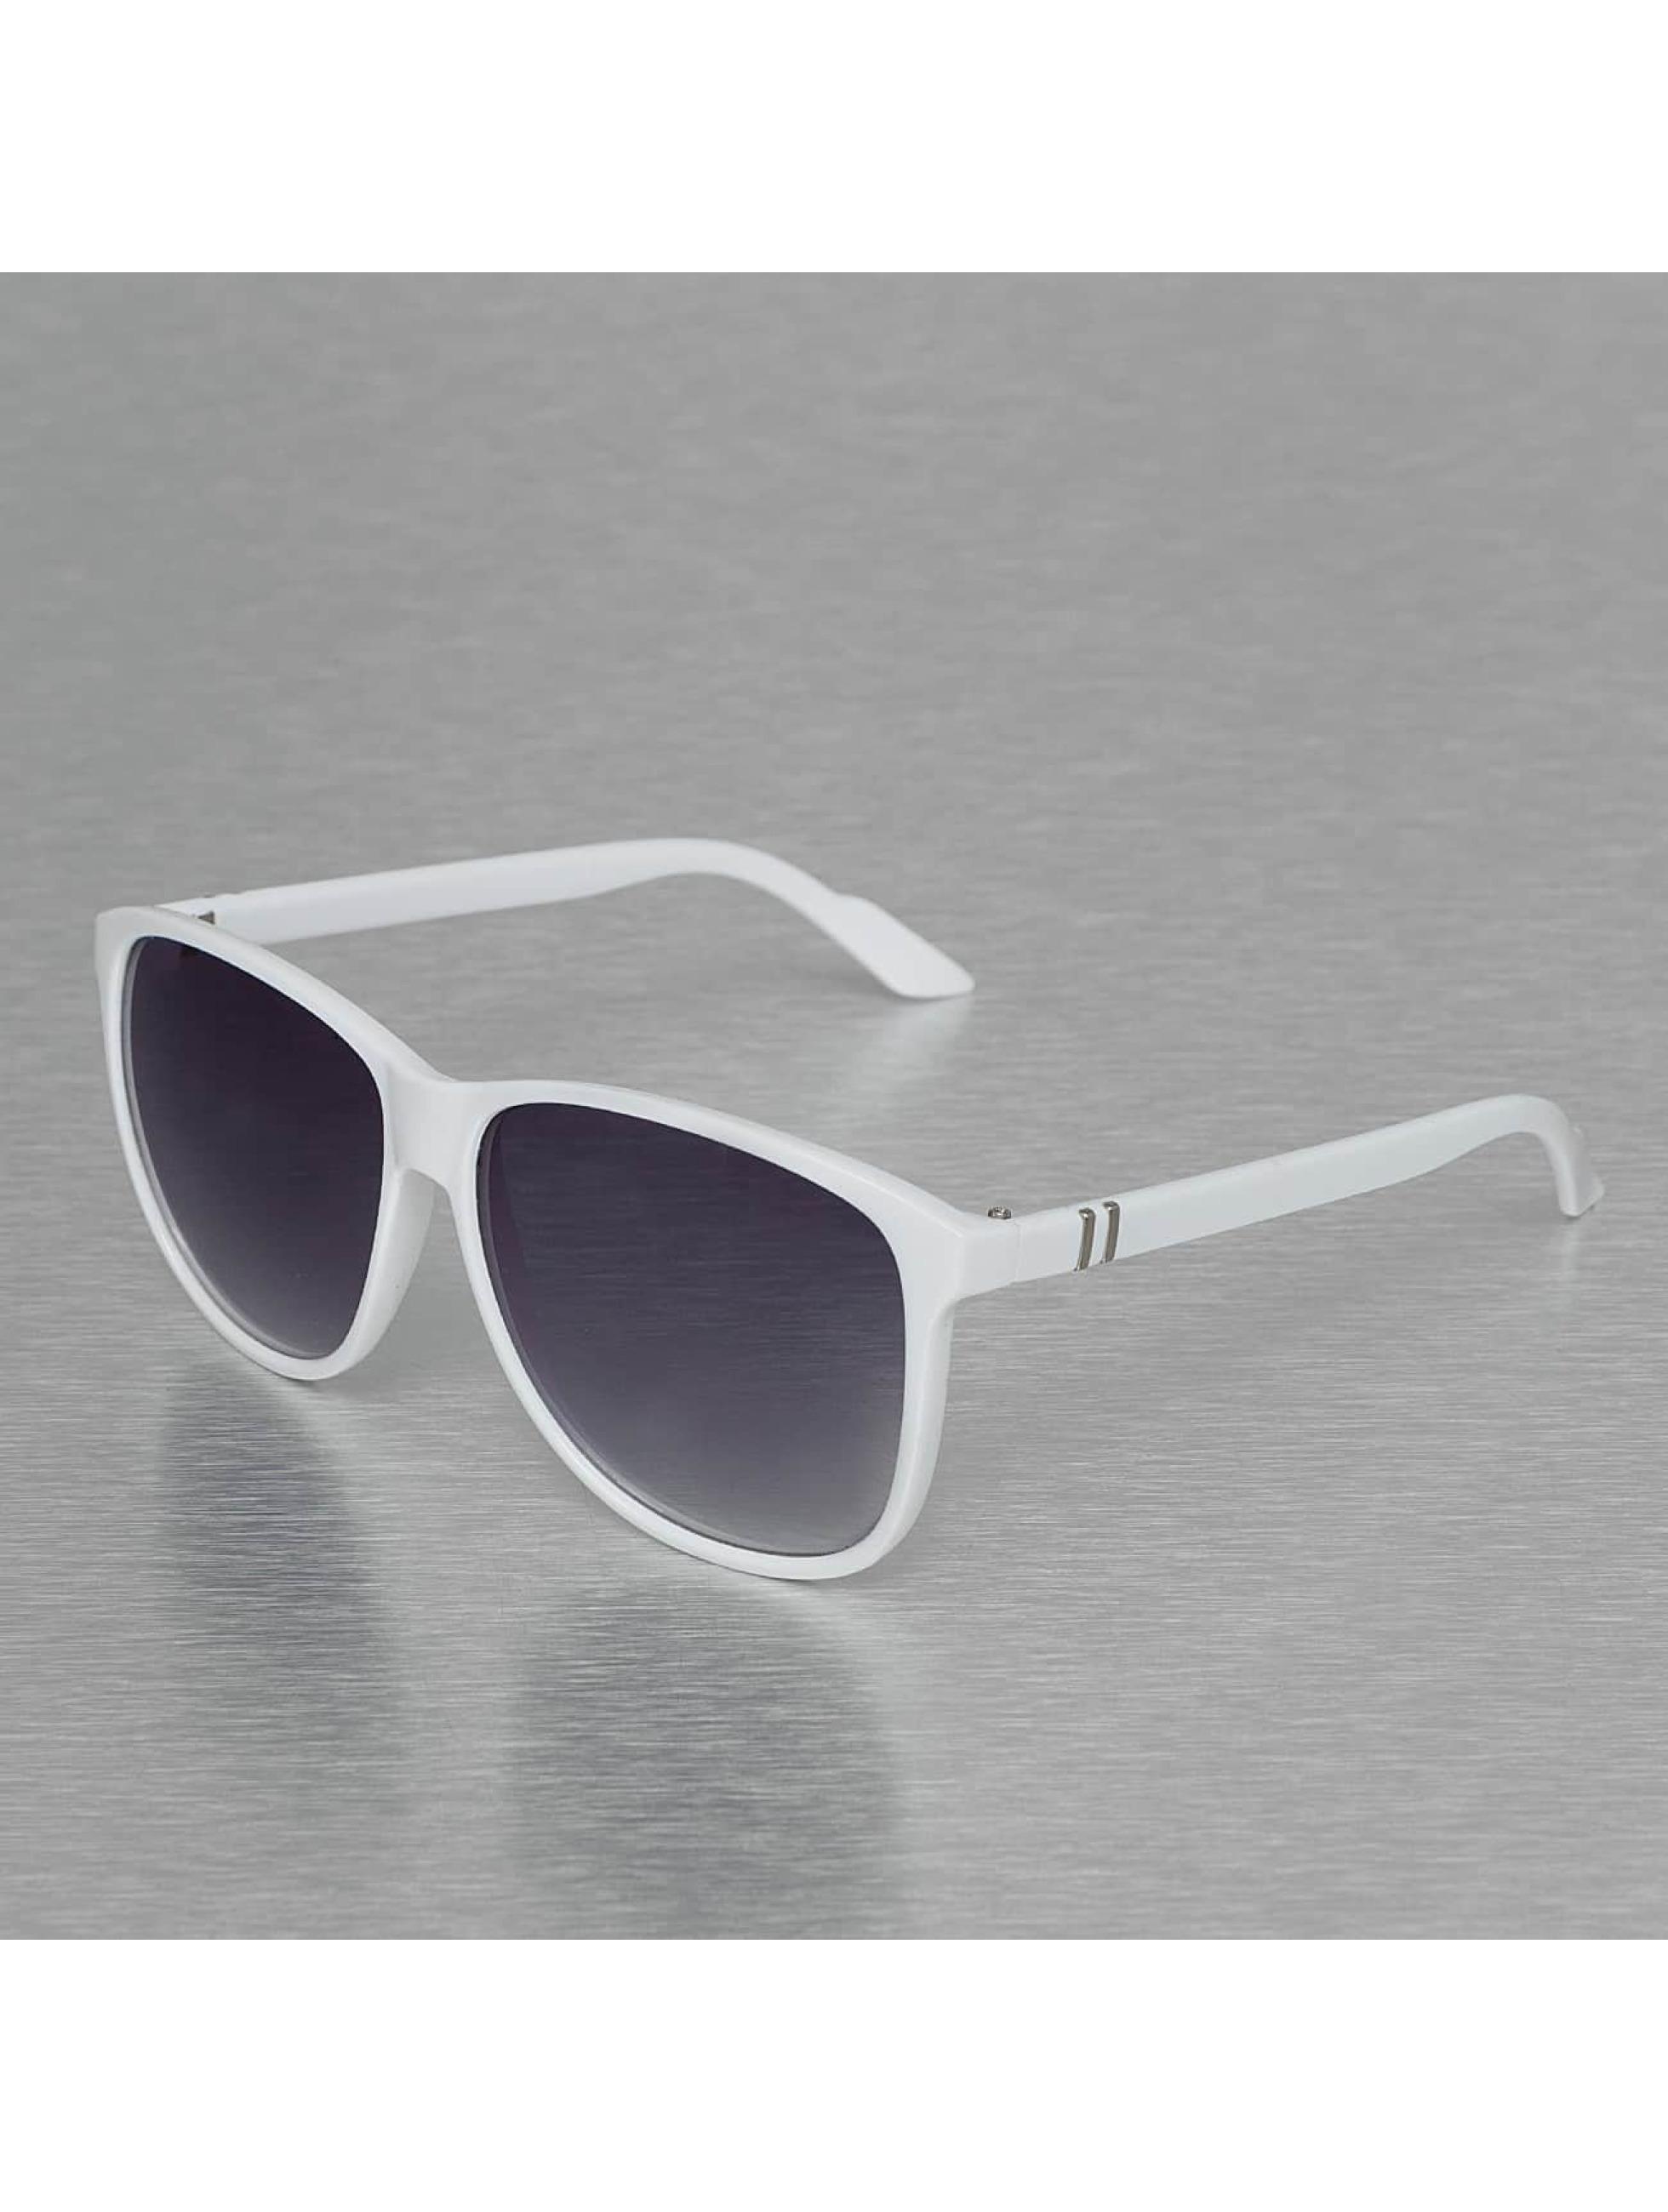 MSTRDS Männer,Frauen Sonnenbrille Lundu in weiß